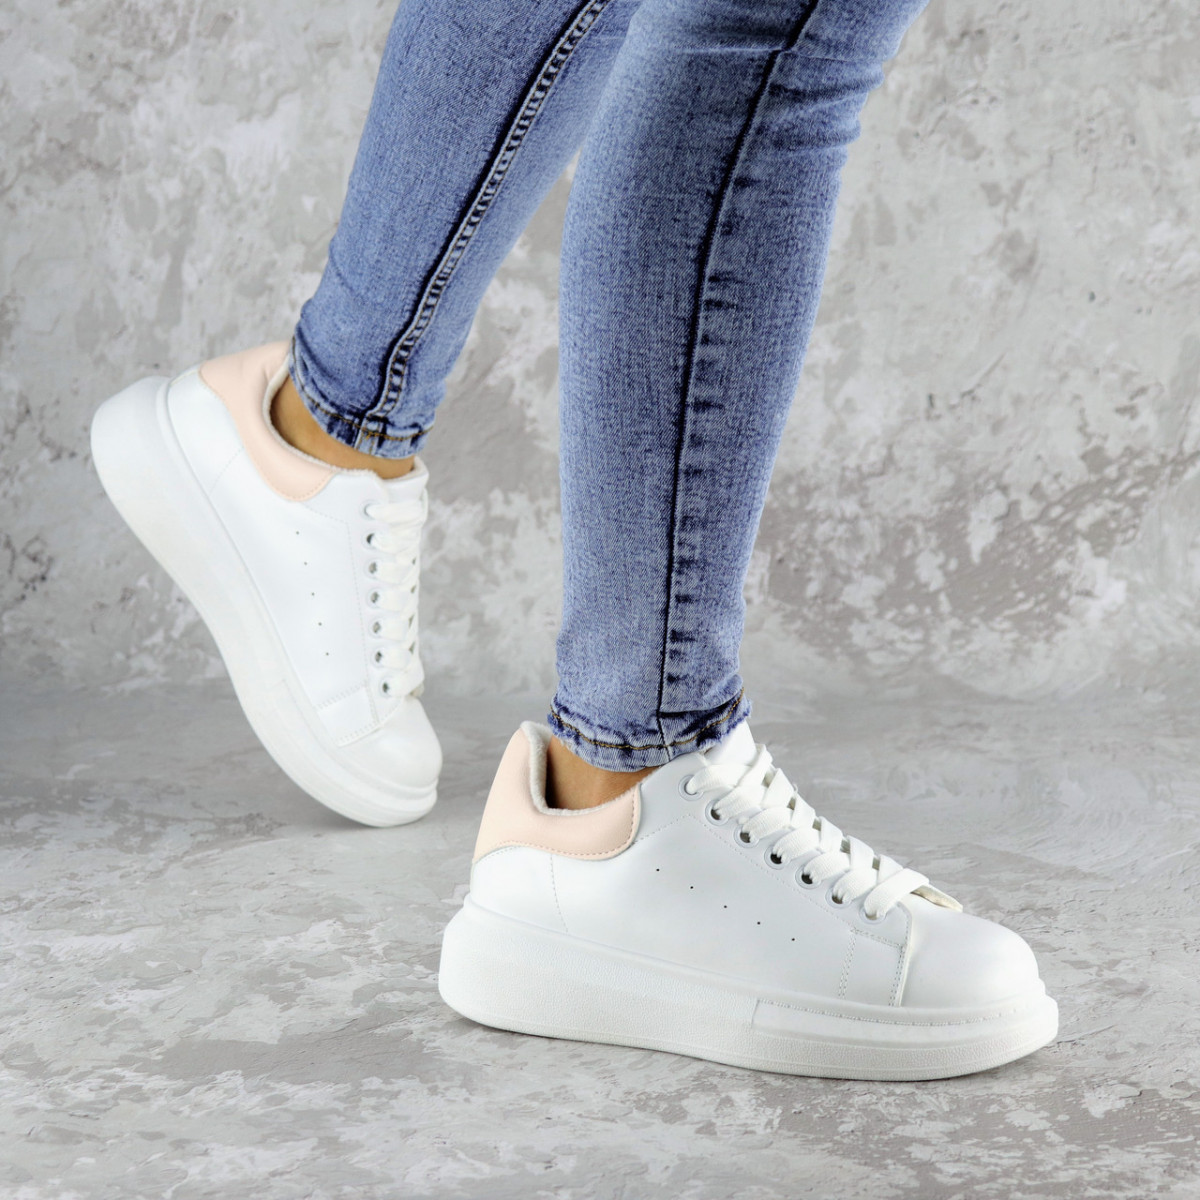 Кроссовки женские зимние белые Celtie 2236 (36 размер)